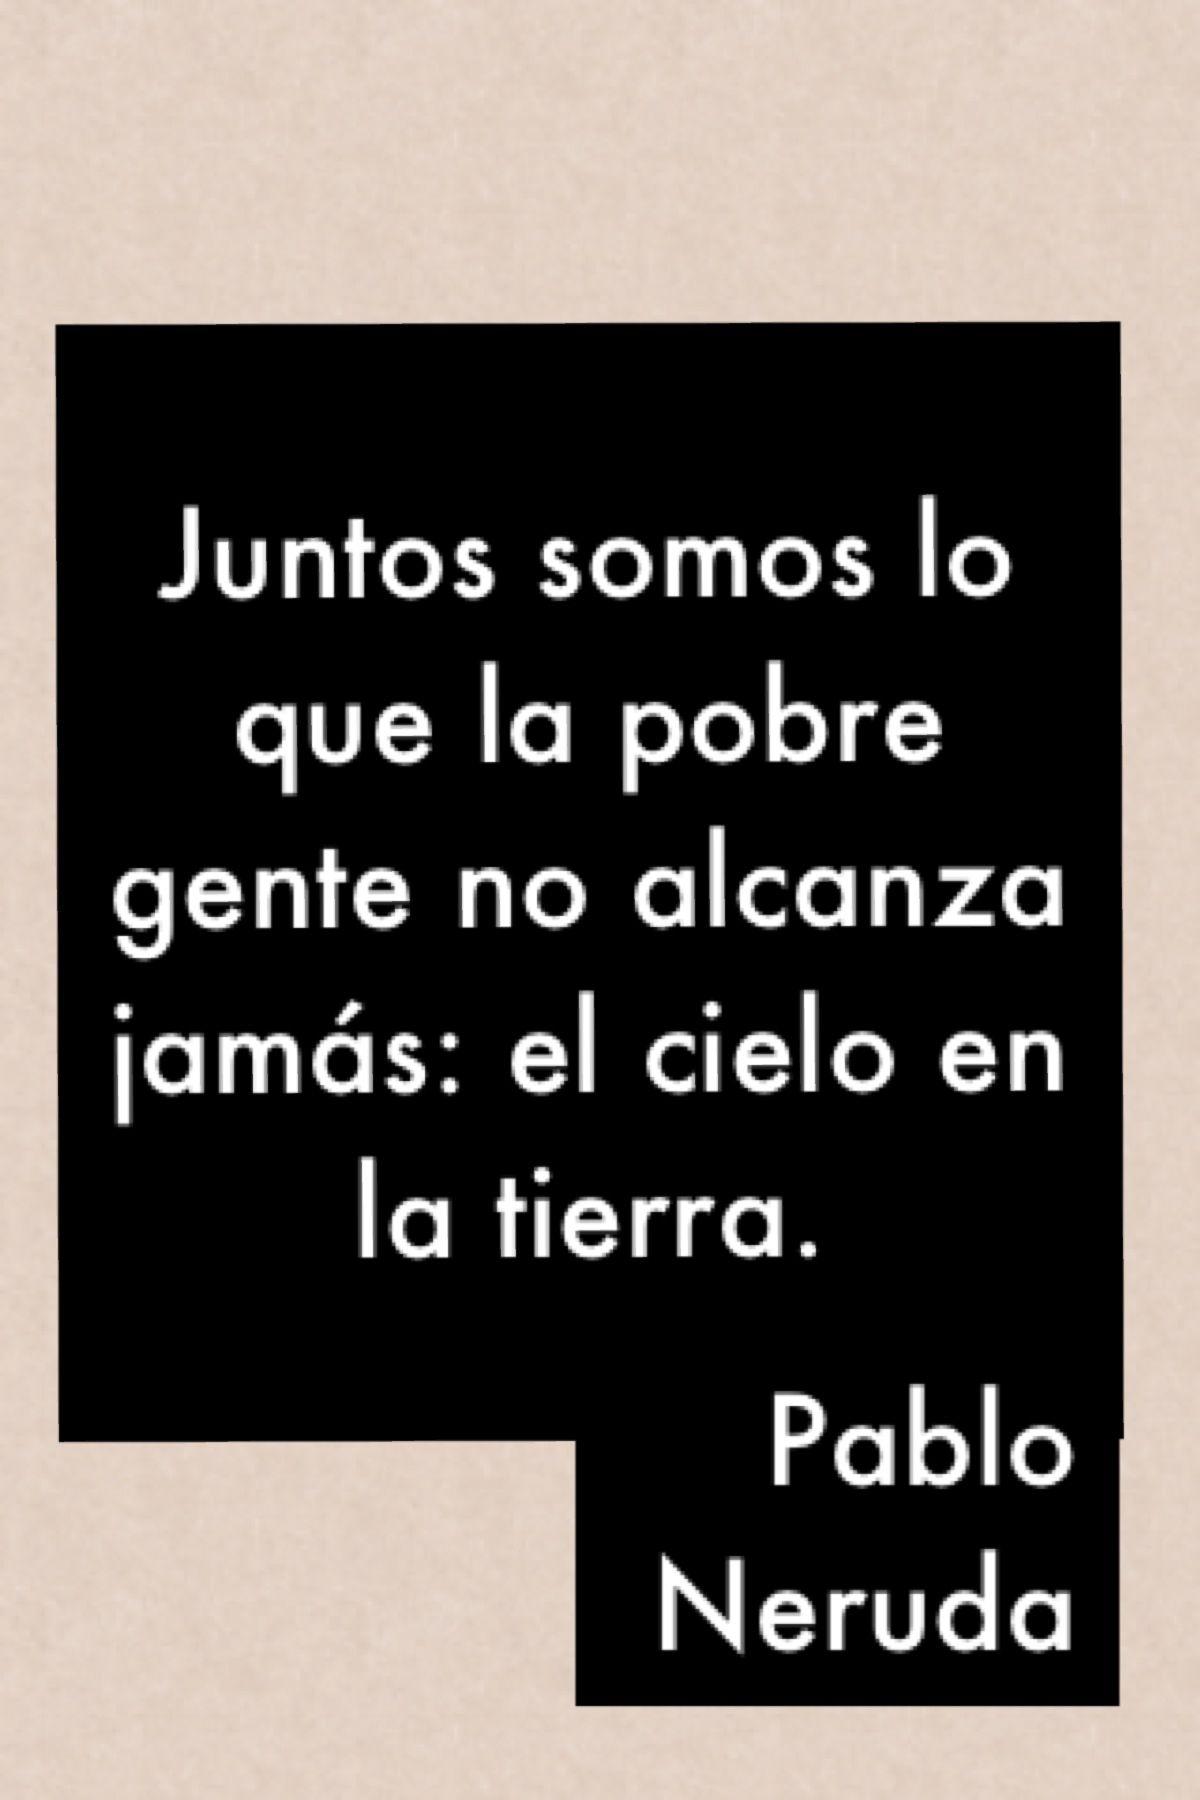 Pablo Neruda Poemas Pablo Neruda Quotes Y Love Quotes